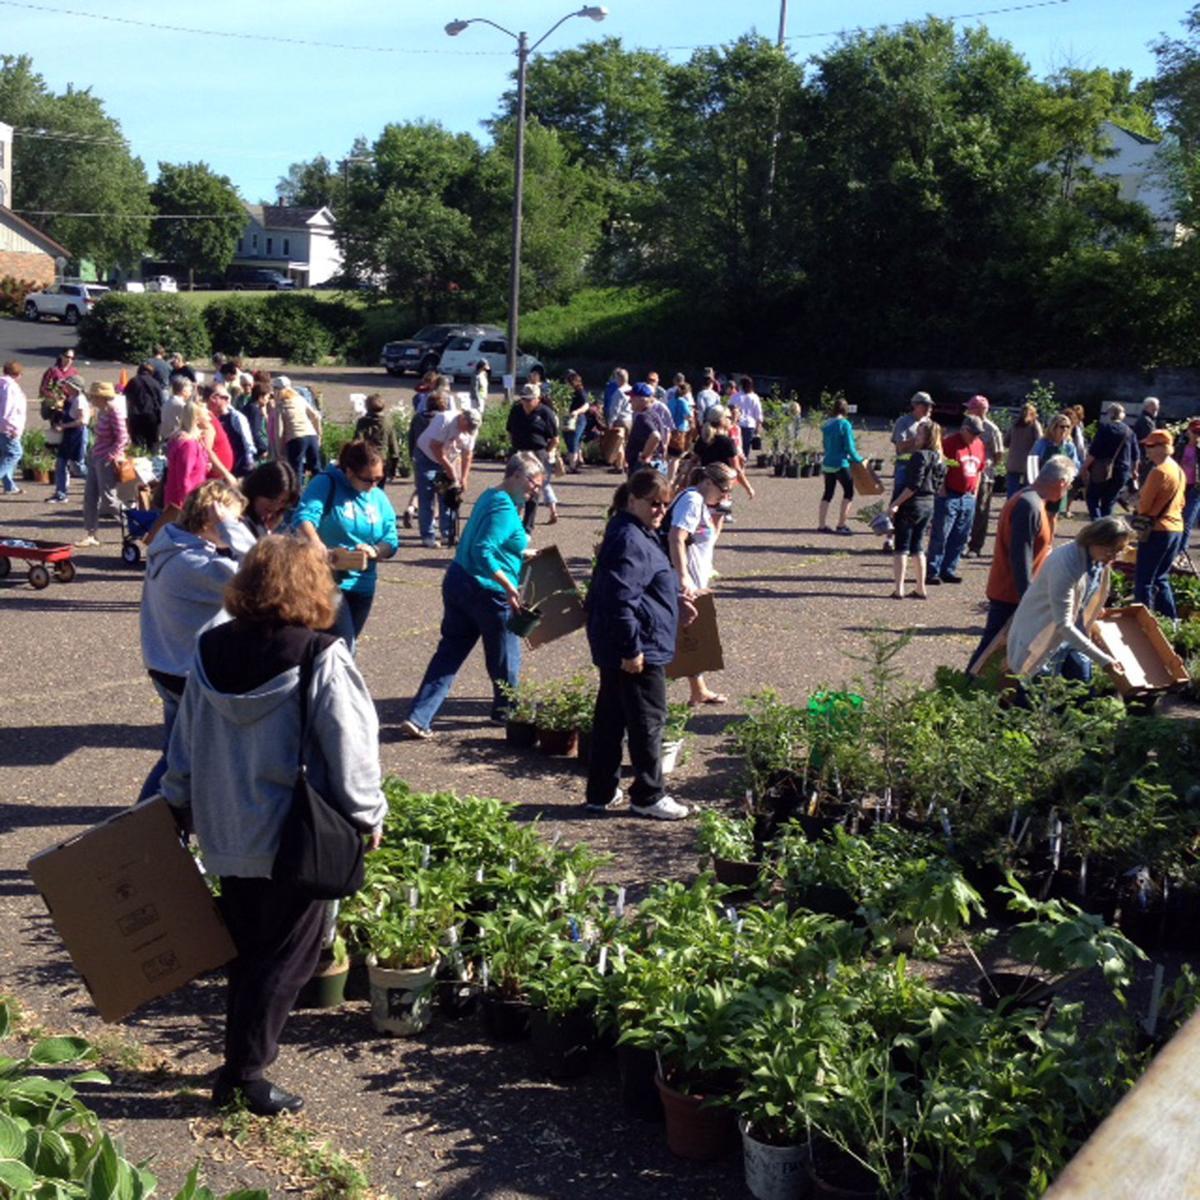 Plant sale draws large crowd